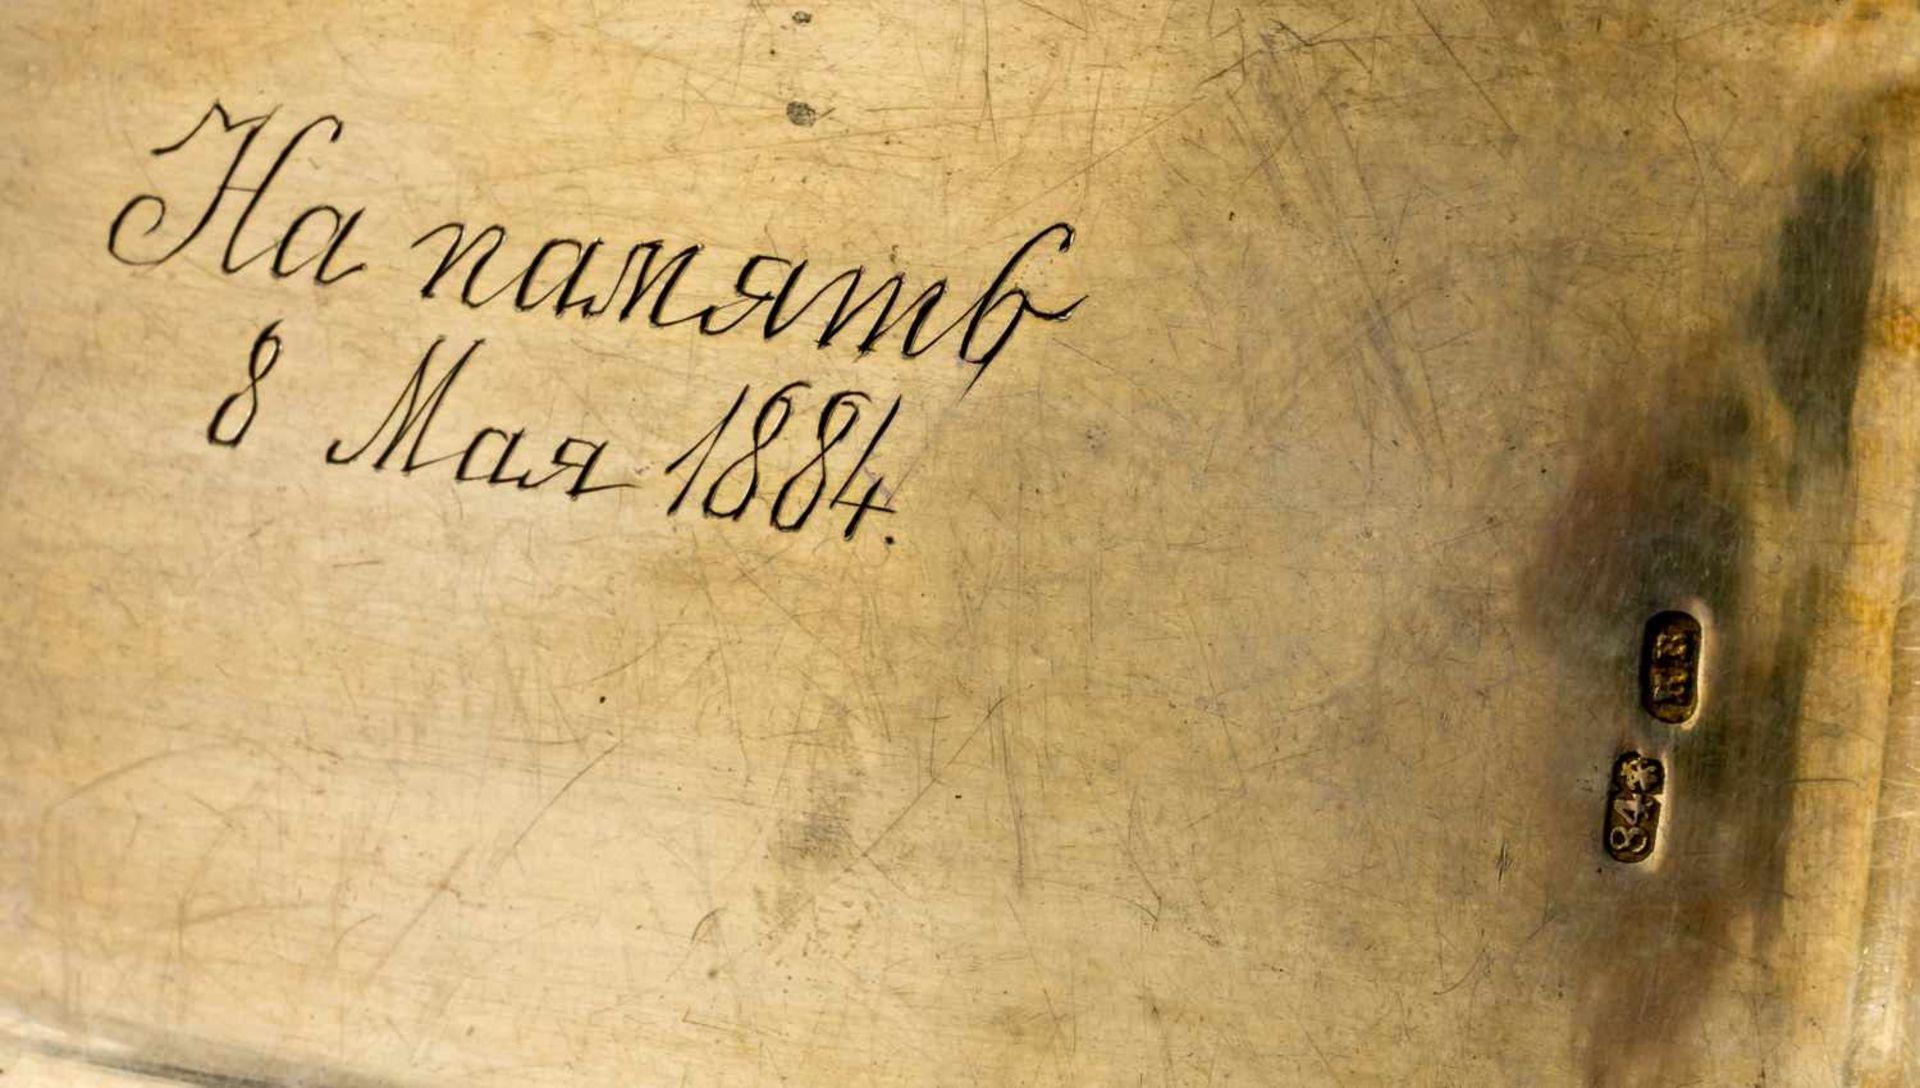 Zigarettenetui mit Gravurdekor und Monogramm Russland, Silber (151g), St. Petersburg vor 1899 - Bild 2 aus 2